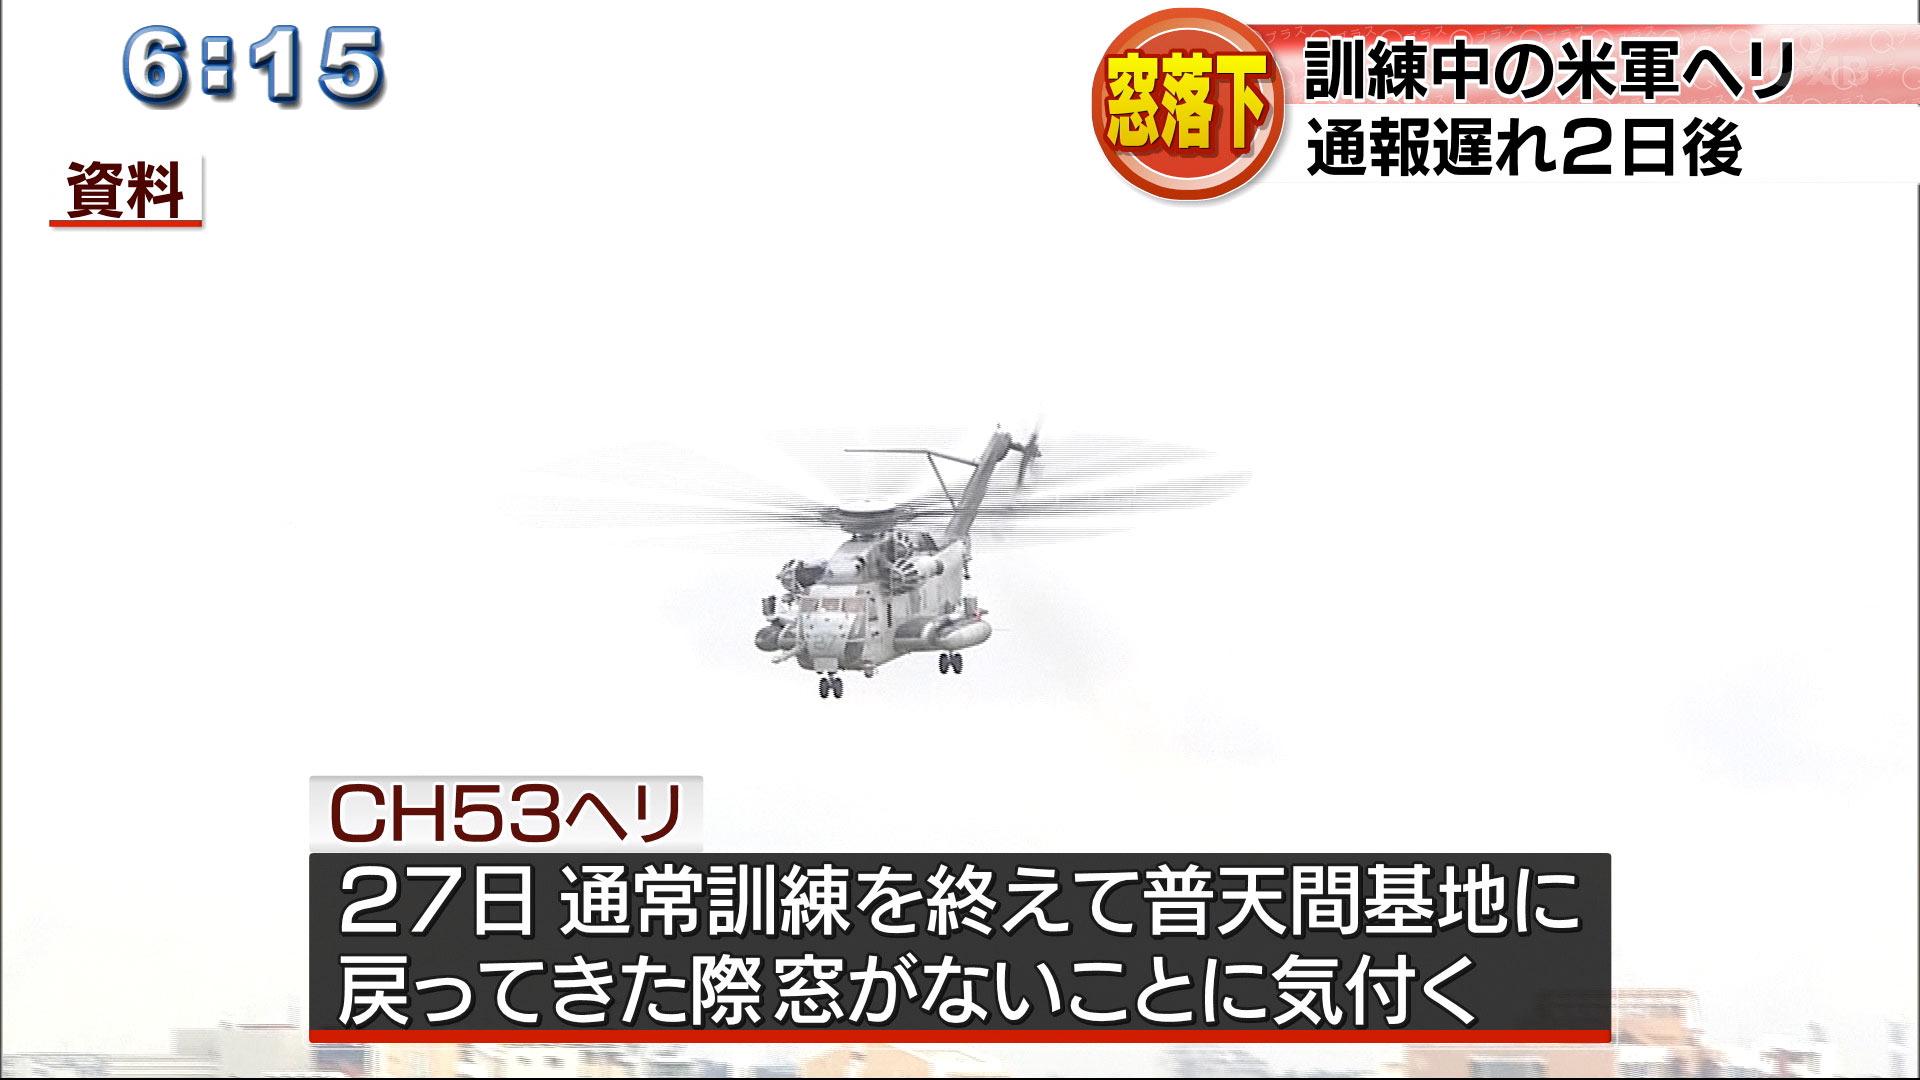 米軍ヘリから窓落下 通報は2日後 場所も不明